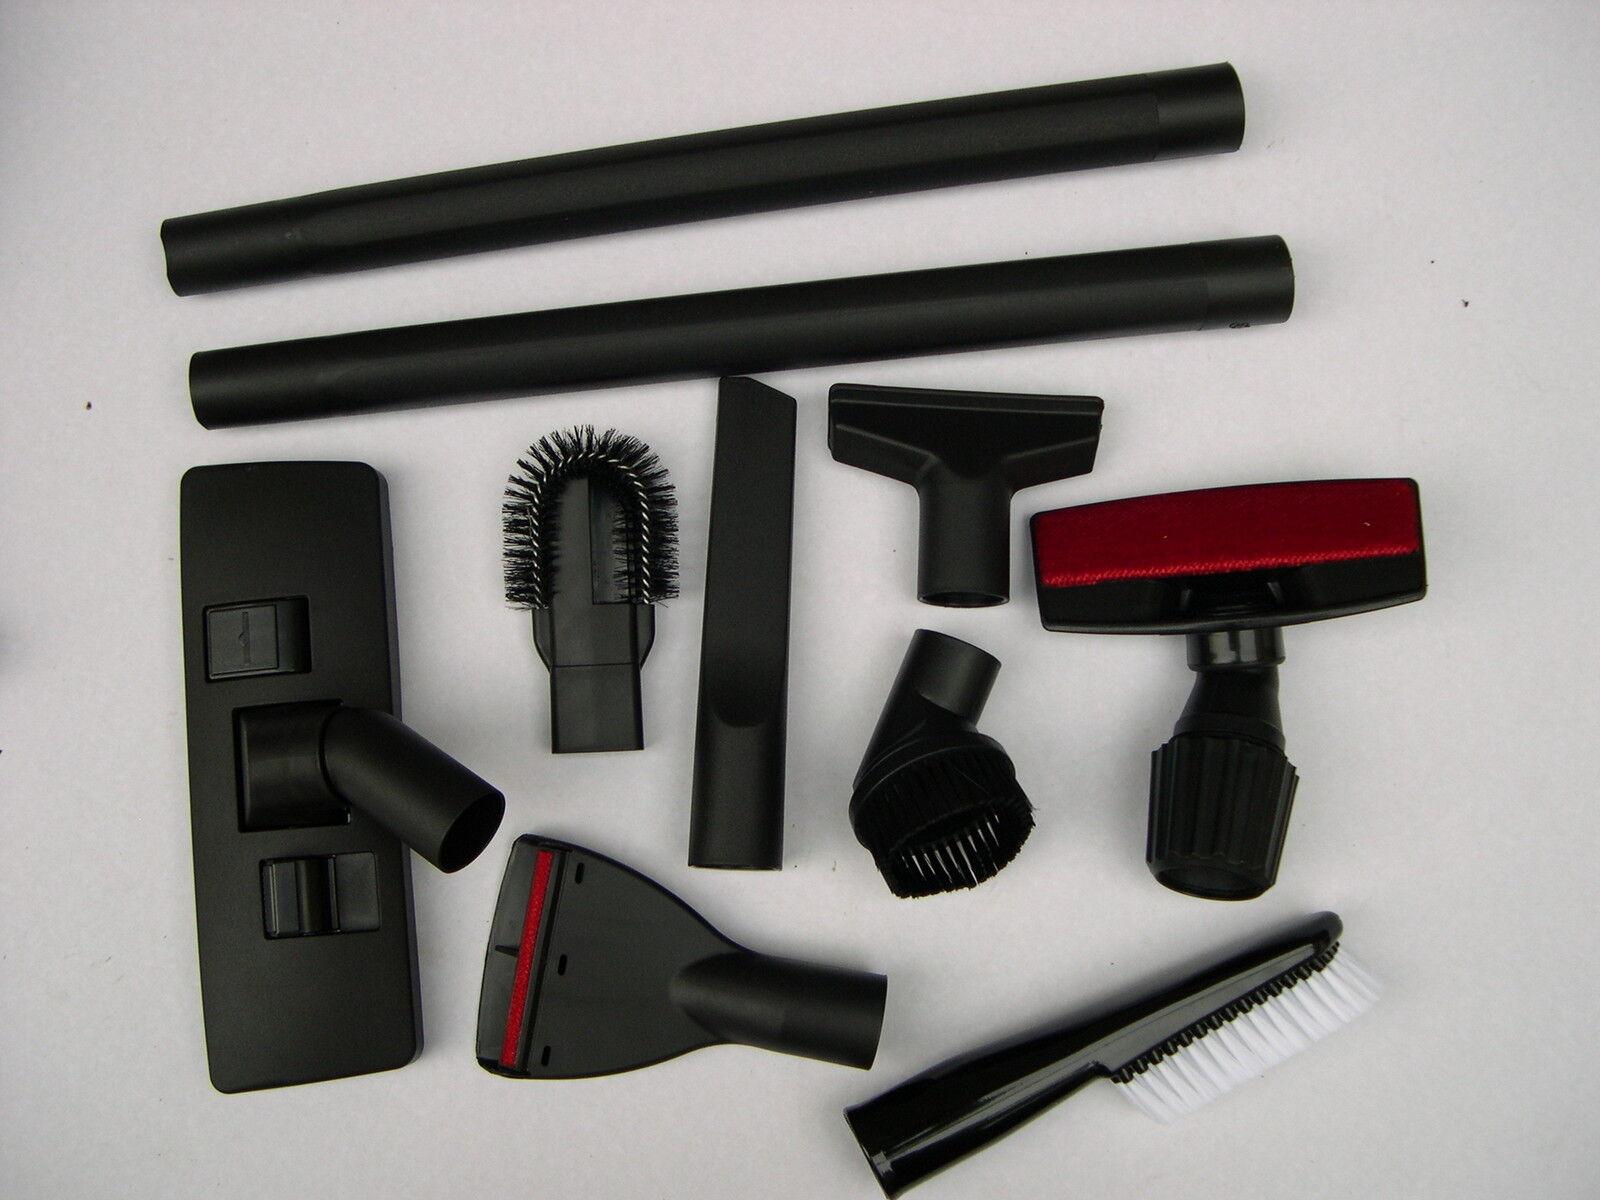 Saugset DN35 7-teilig für passend alle NT Sauger Staubsauger mit Zubehör 35mm